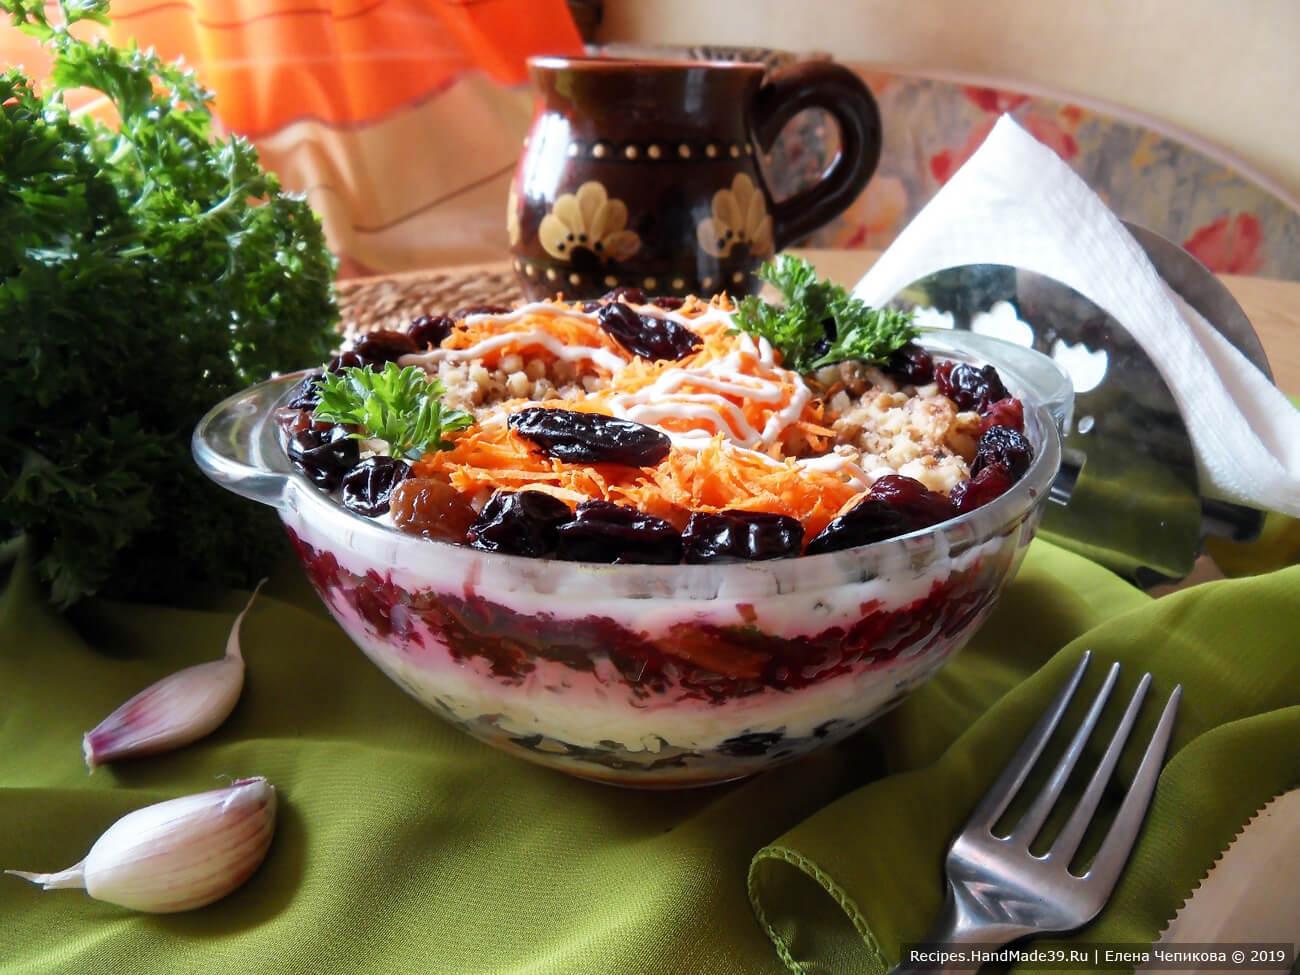 Овощной салат «Здоровье» – пошаговый кулинарный рецепт с фото